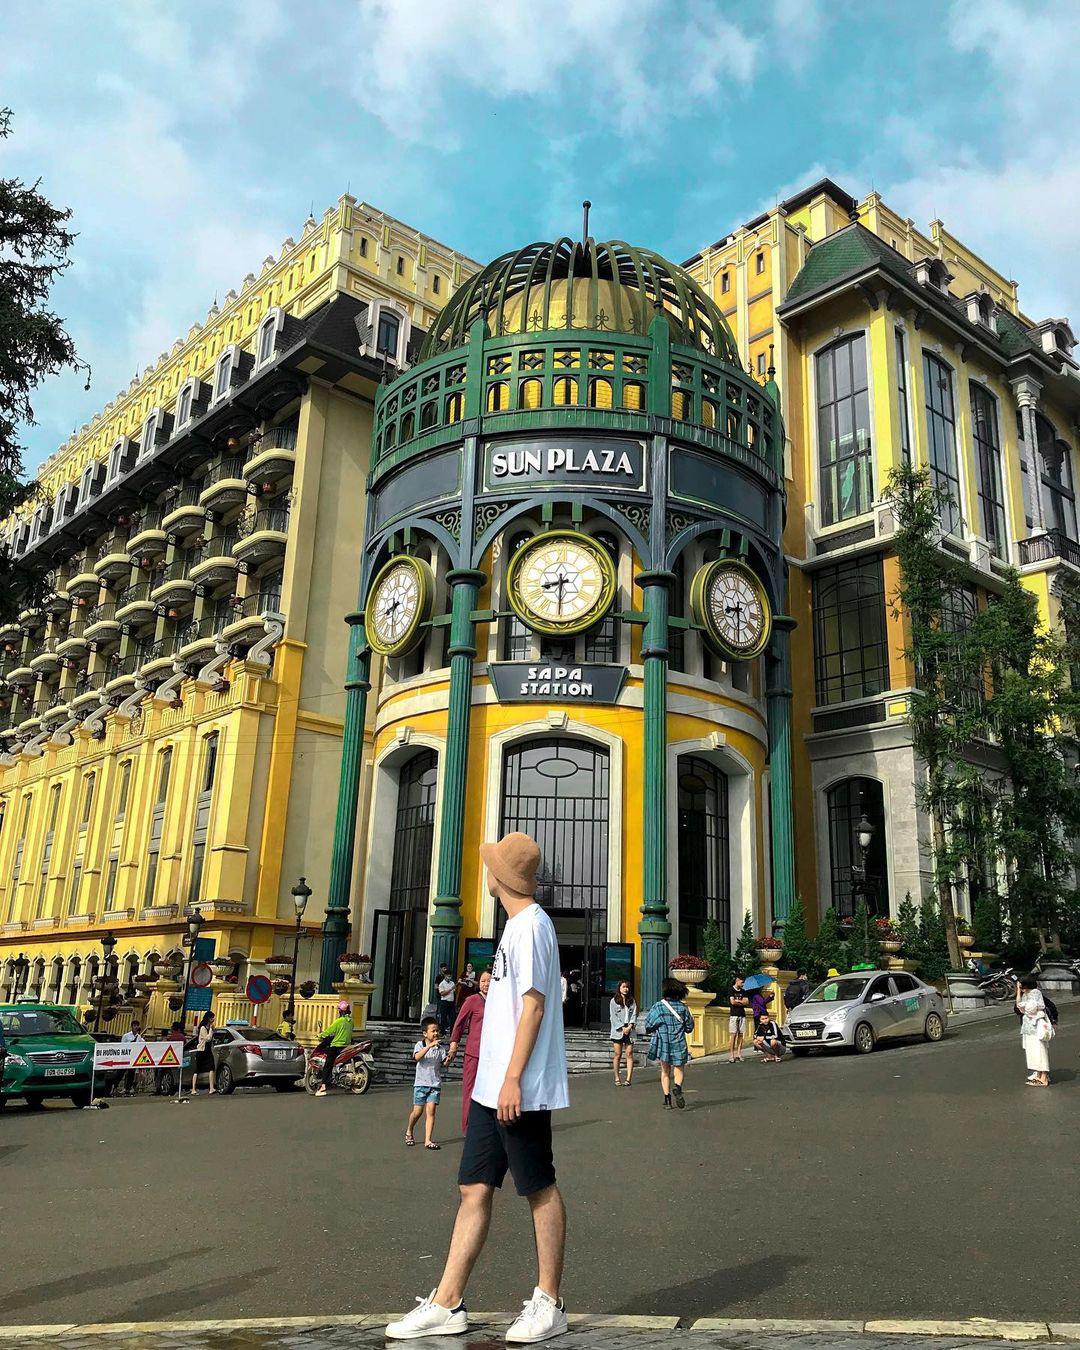 Sa Pa, Pù Luông, Đà Nẵng và những góc check-in đẹp khó cưỡng giành cho giới trẻ  - Ảnh 2.